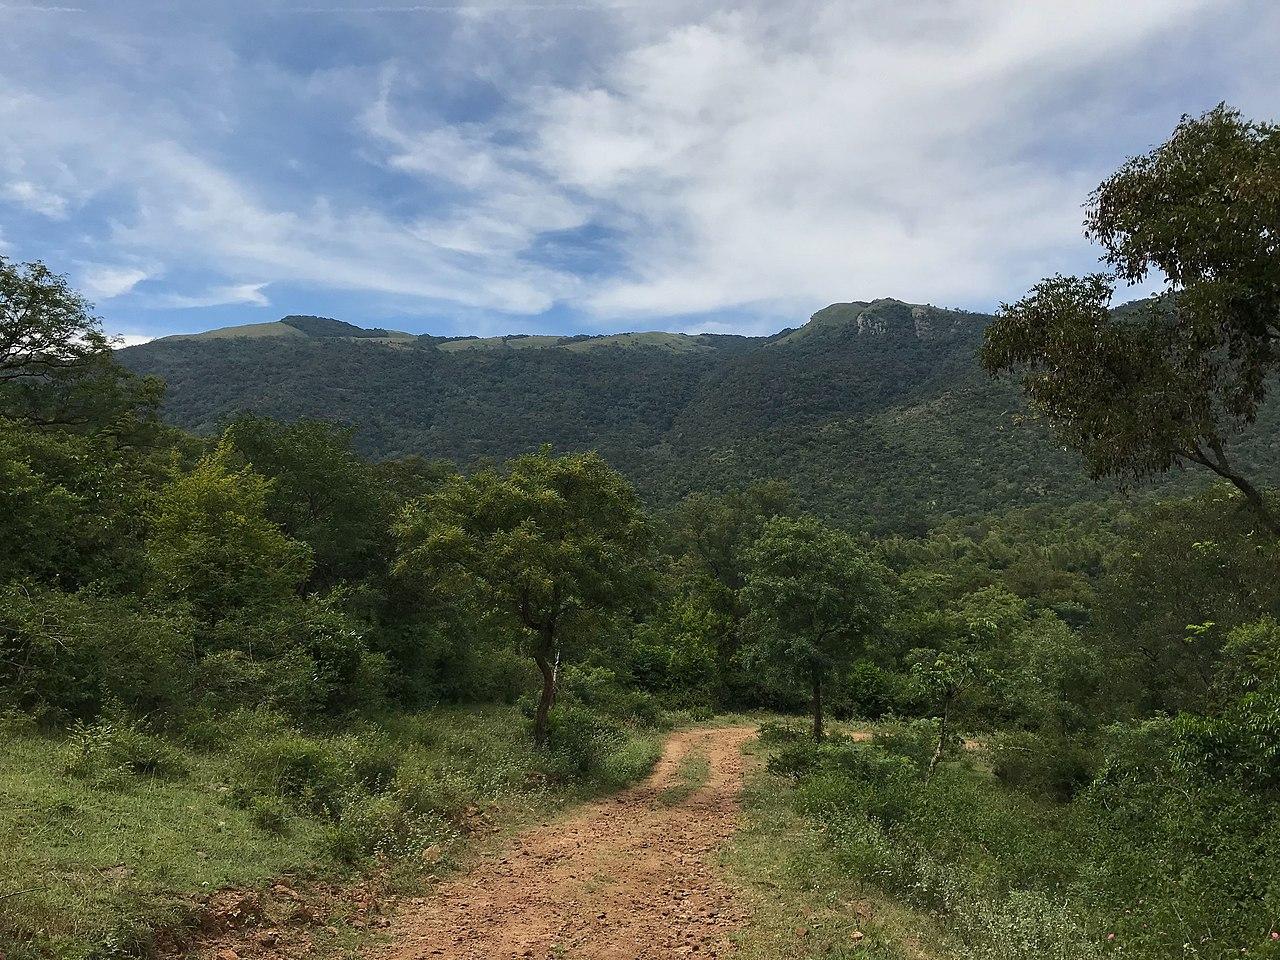 Biligiri Rangana Hills-Getaways from Shivanasamudra